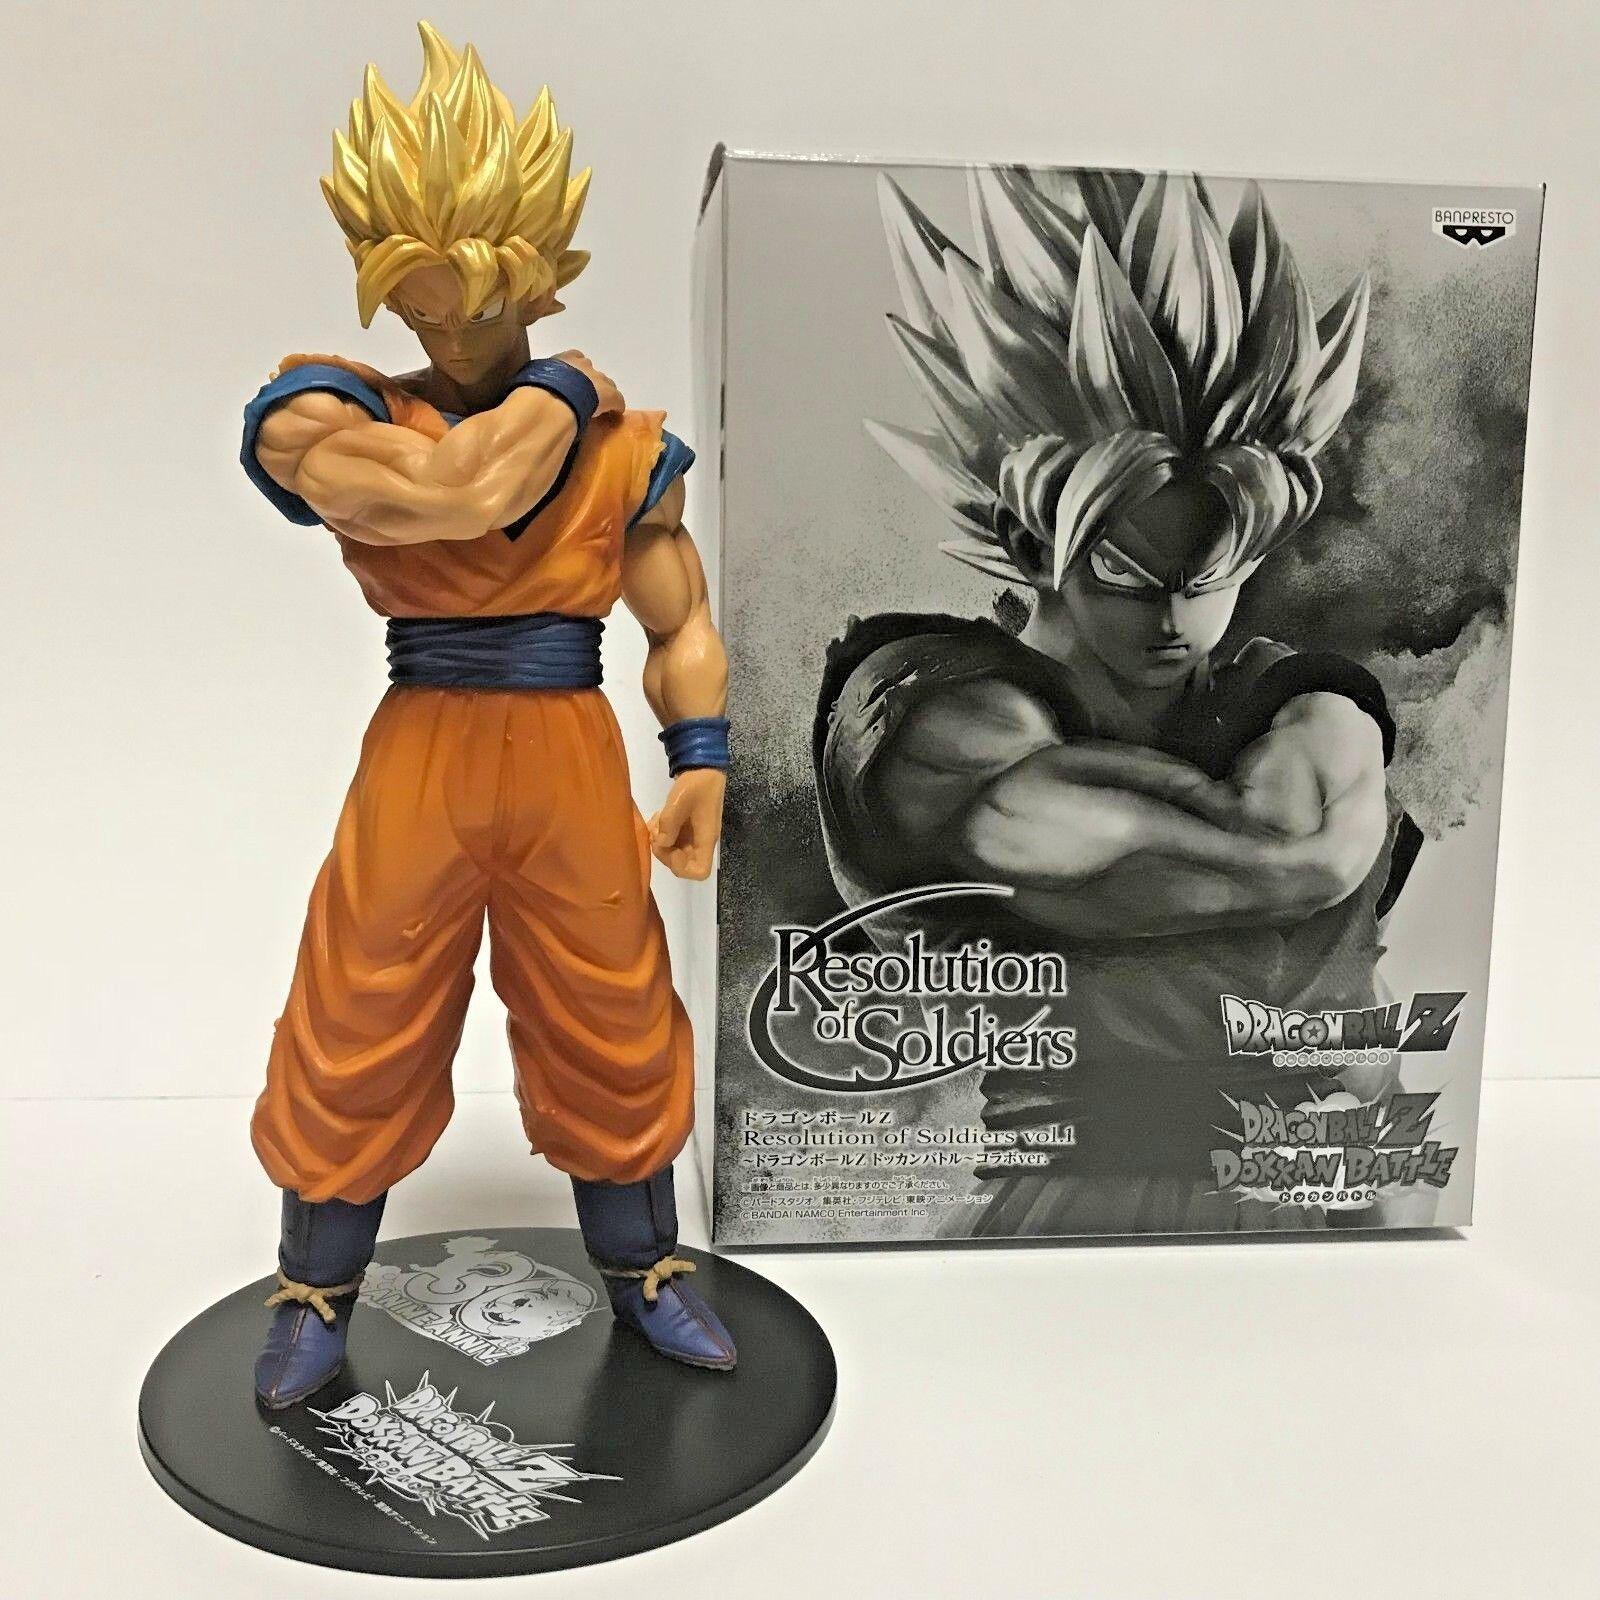 Dragon Ball Z SON GOKU Figure 'Dokkan Battle' Banpresto JAPAN 7777 limited rare